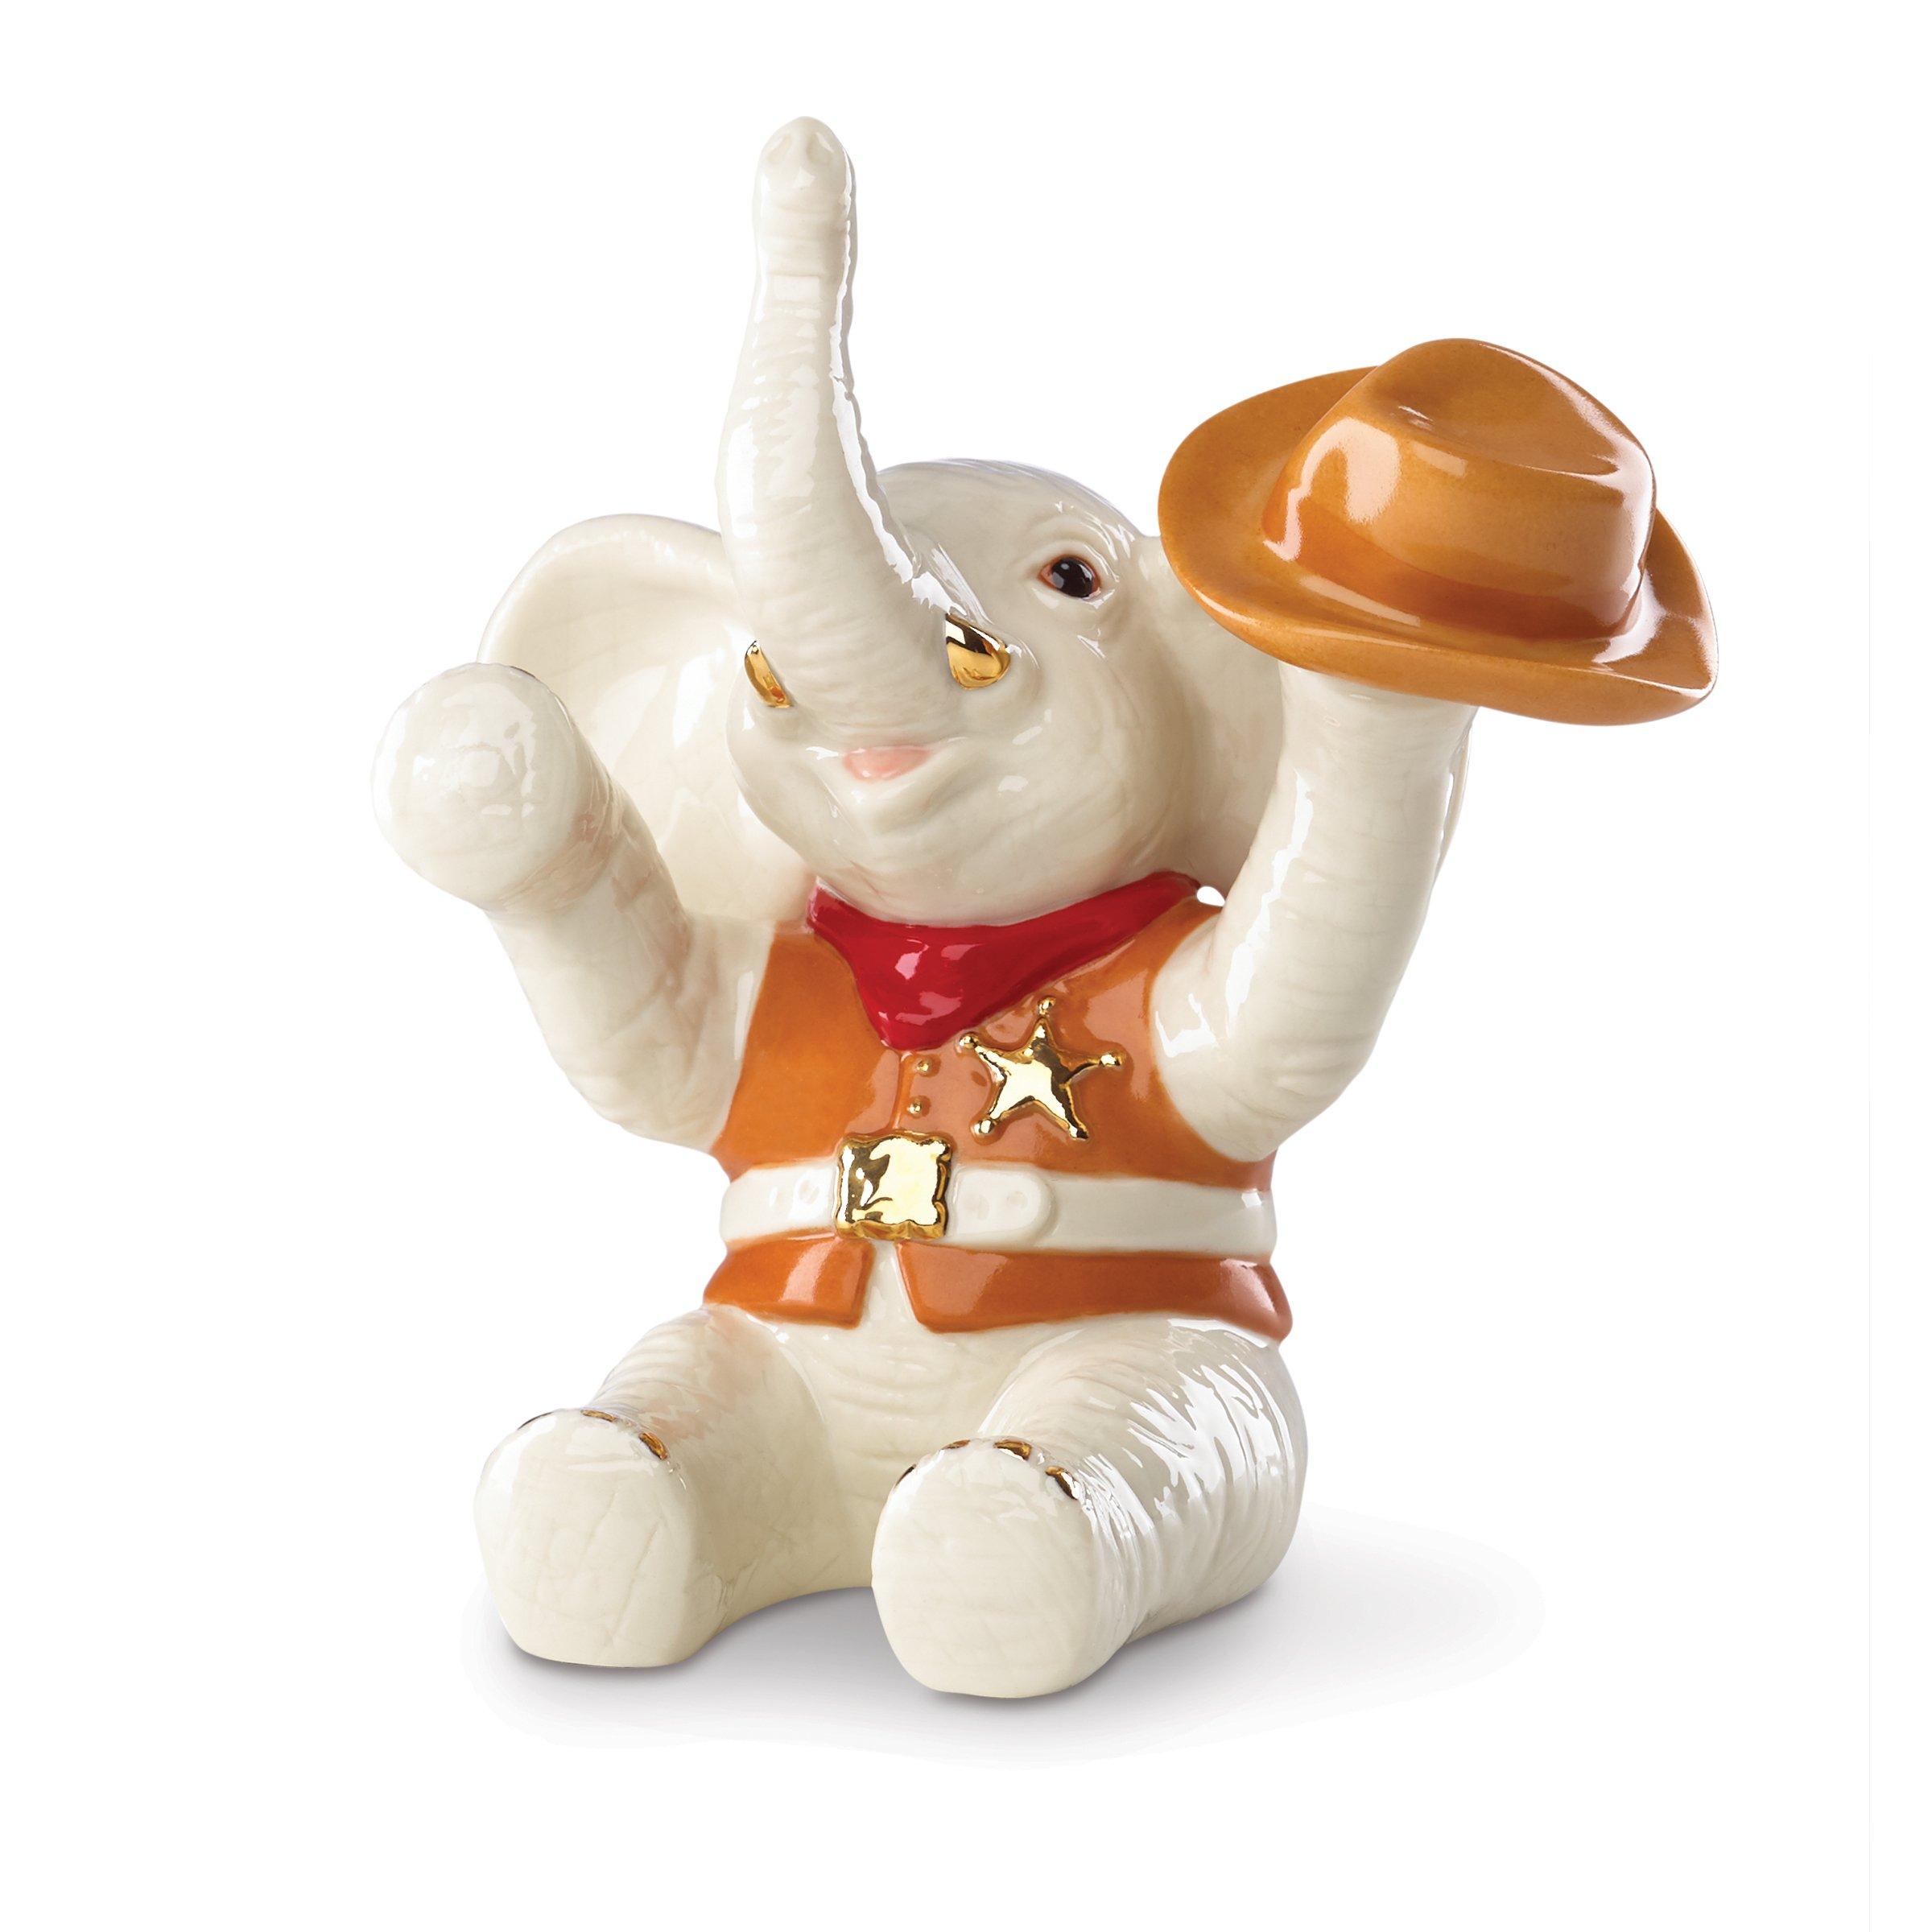 Lenox-Cowboy-Up-Elephant-Figurine-de1ad6db-5ed4-4c53-bbd1-fd03c6ae7a8c.jpg